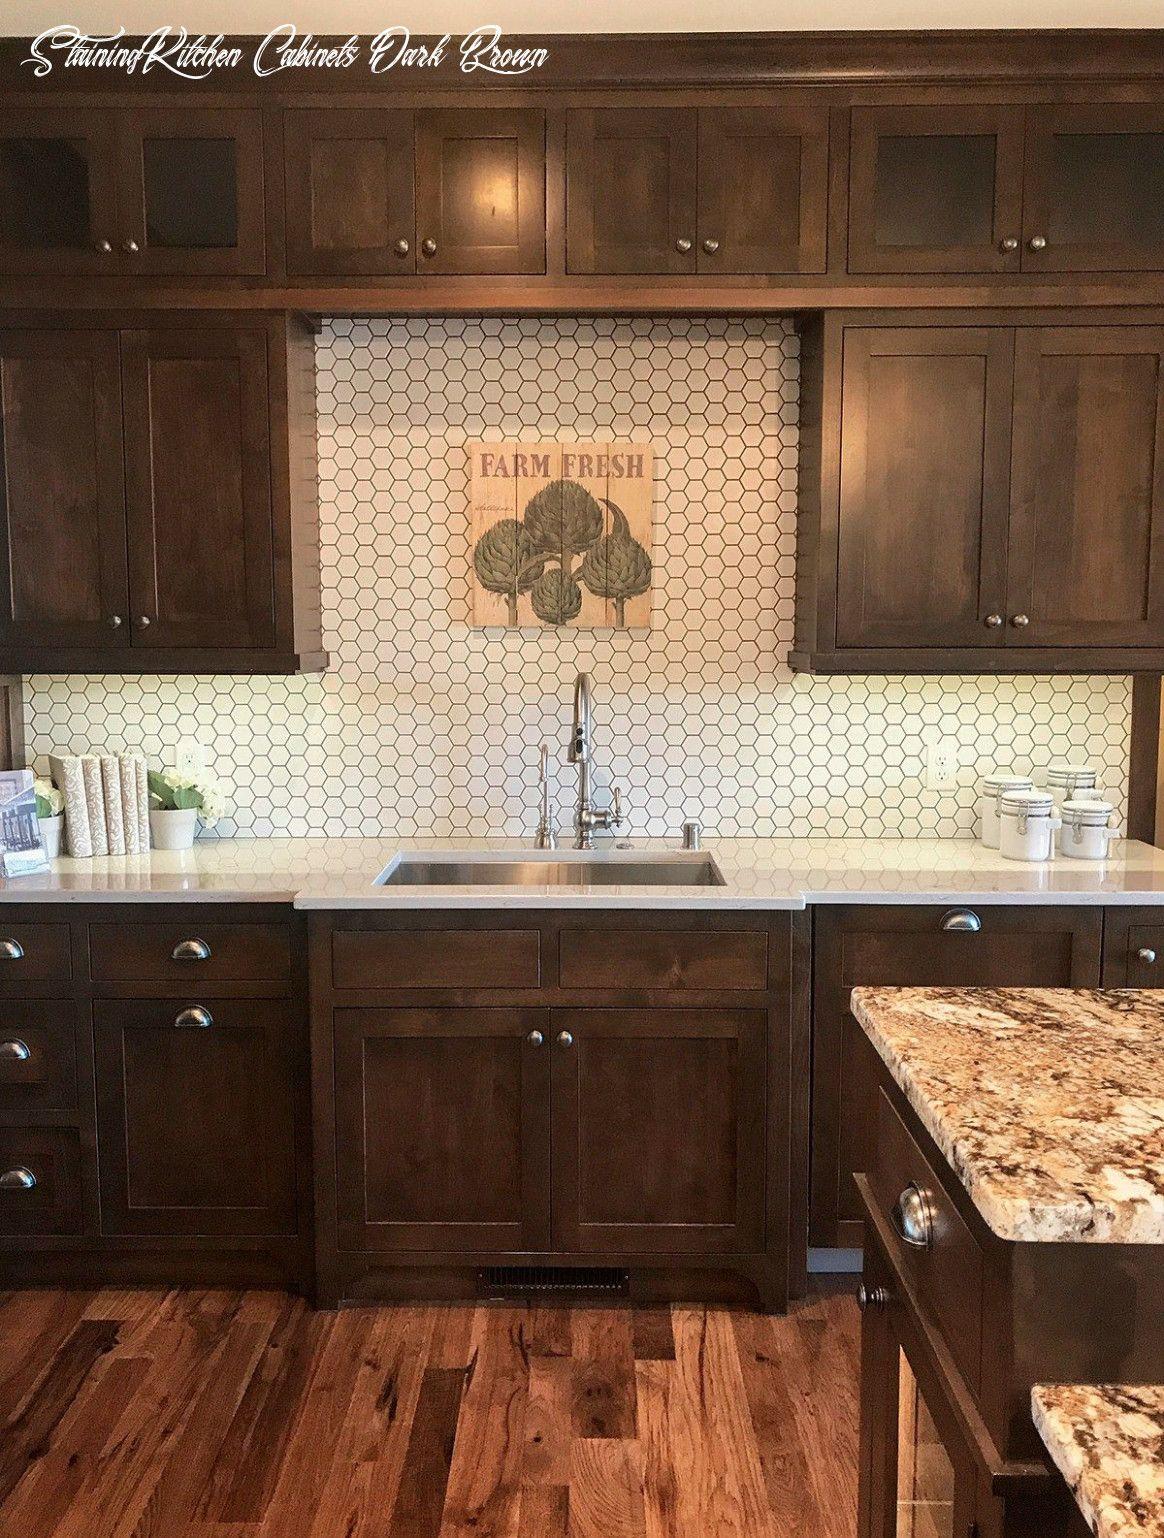 Staining Kitchen Cabinets Dark Brown In 2020 Dark Wood Kitchen Cabinets Backsplash With Dark Cabinets Brown Cabinets